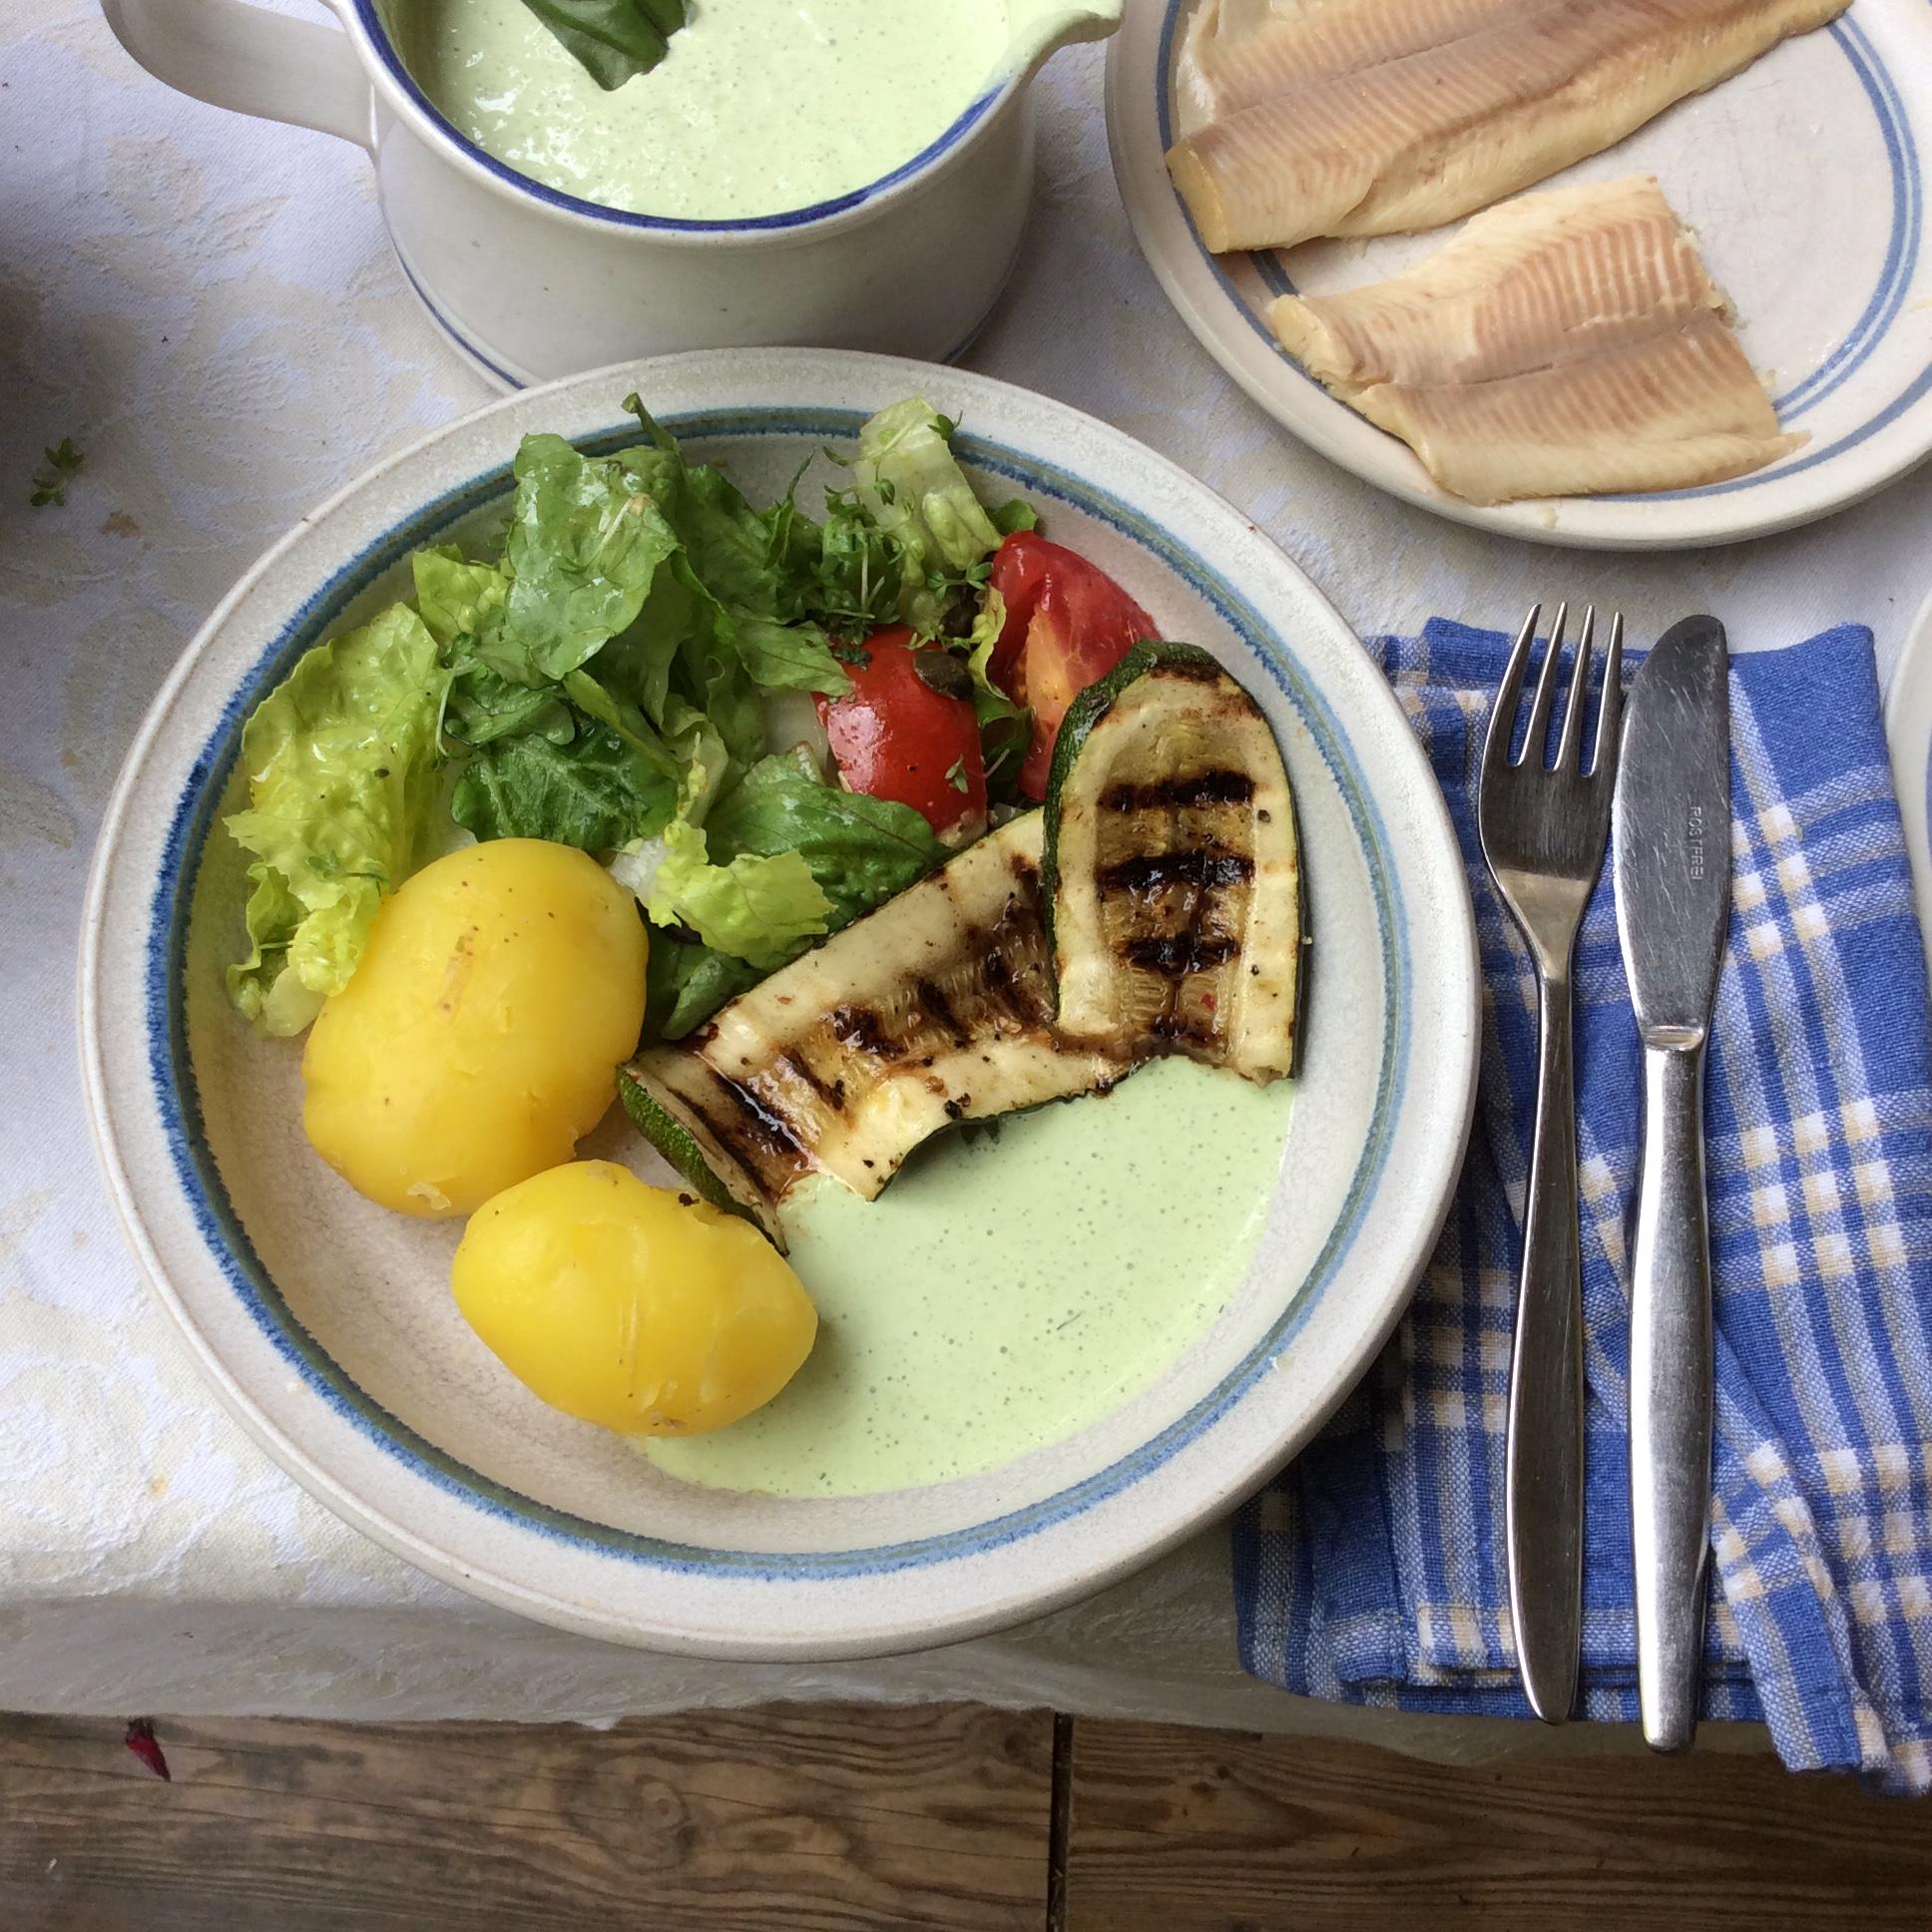 Forelle,Salat,Zucchini -25.8.15   (8)